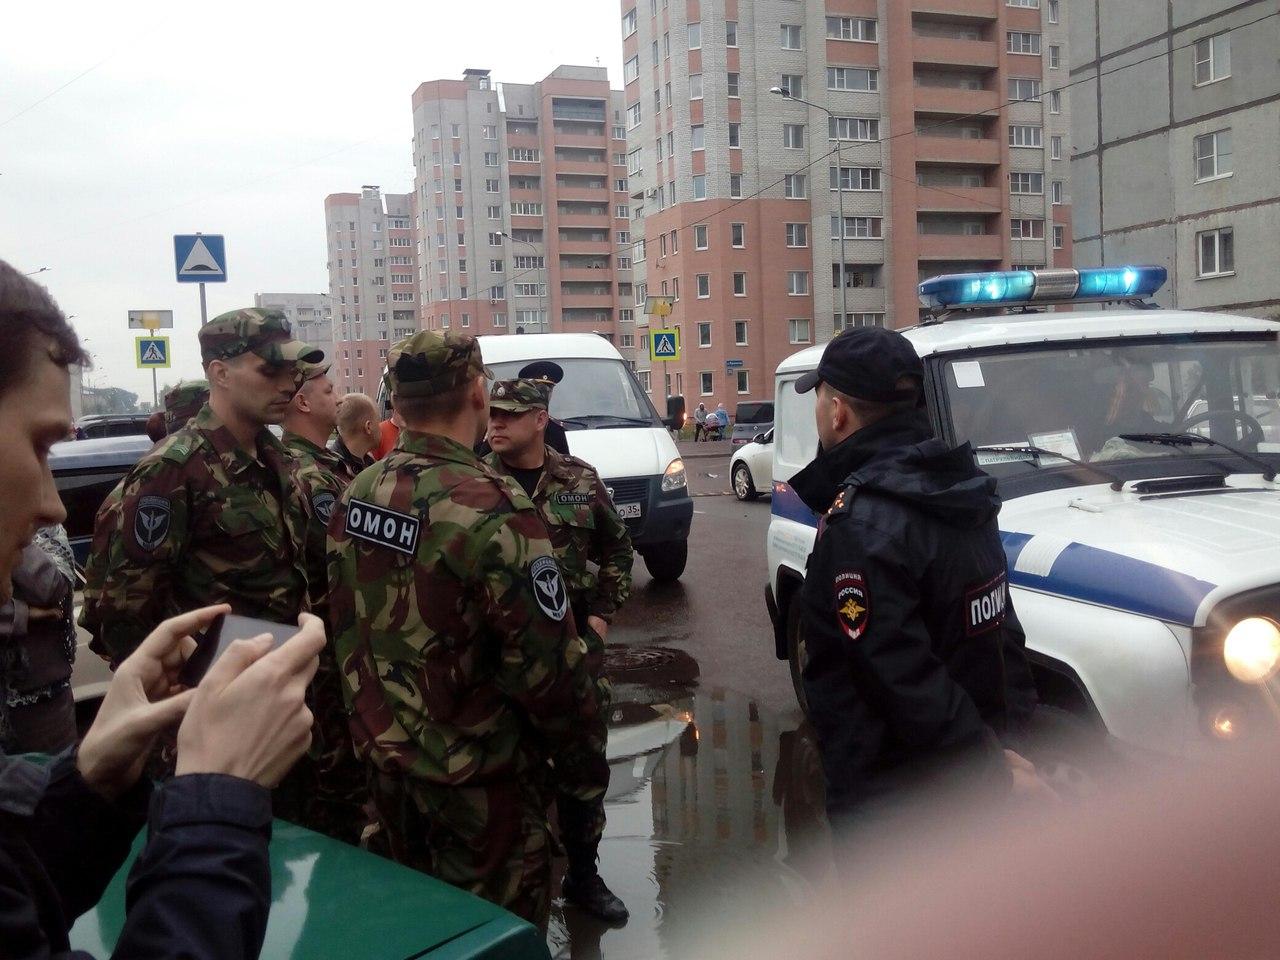 Встречу жителей на Фрязиновской посчитали несанкционированным митингом: Евгения Доможирова увез ОМОН